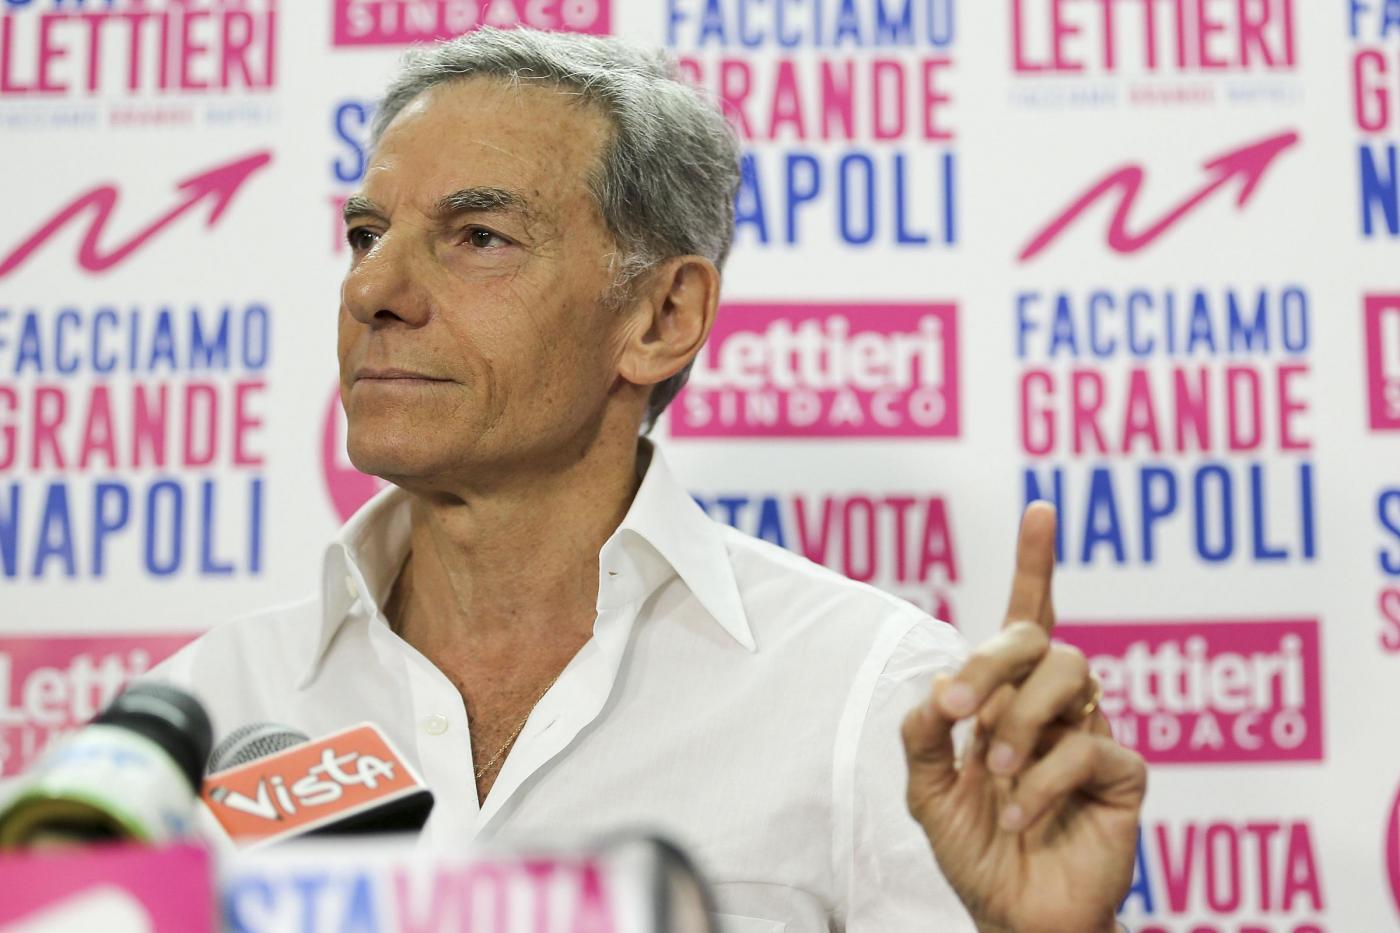 Chi è Gianni Lettieri, candidato al ballottaggio per le amministrative di Napoli